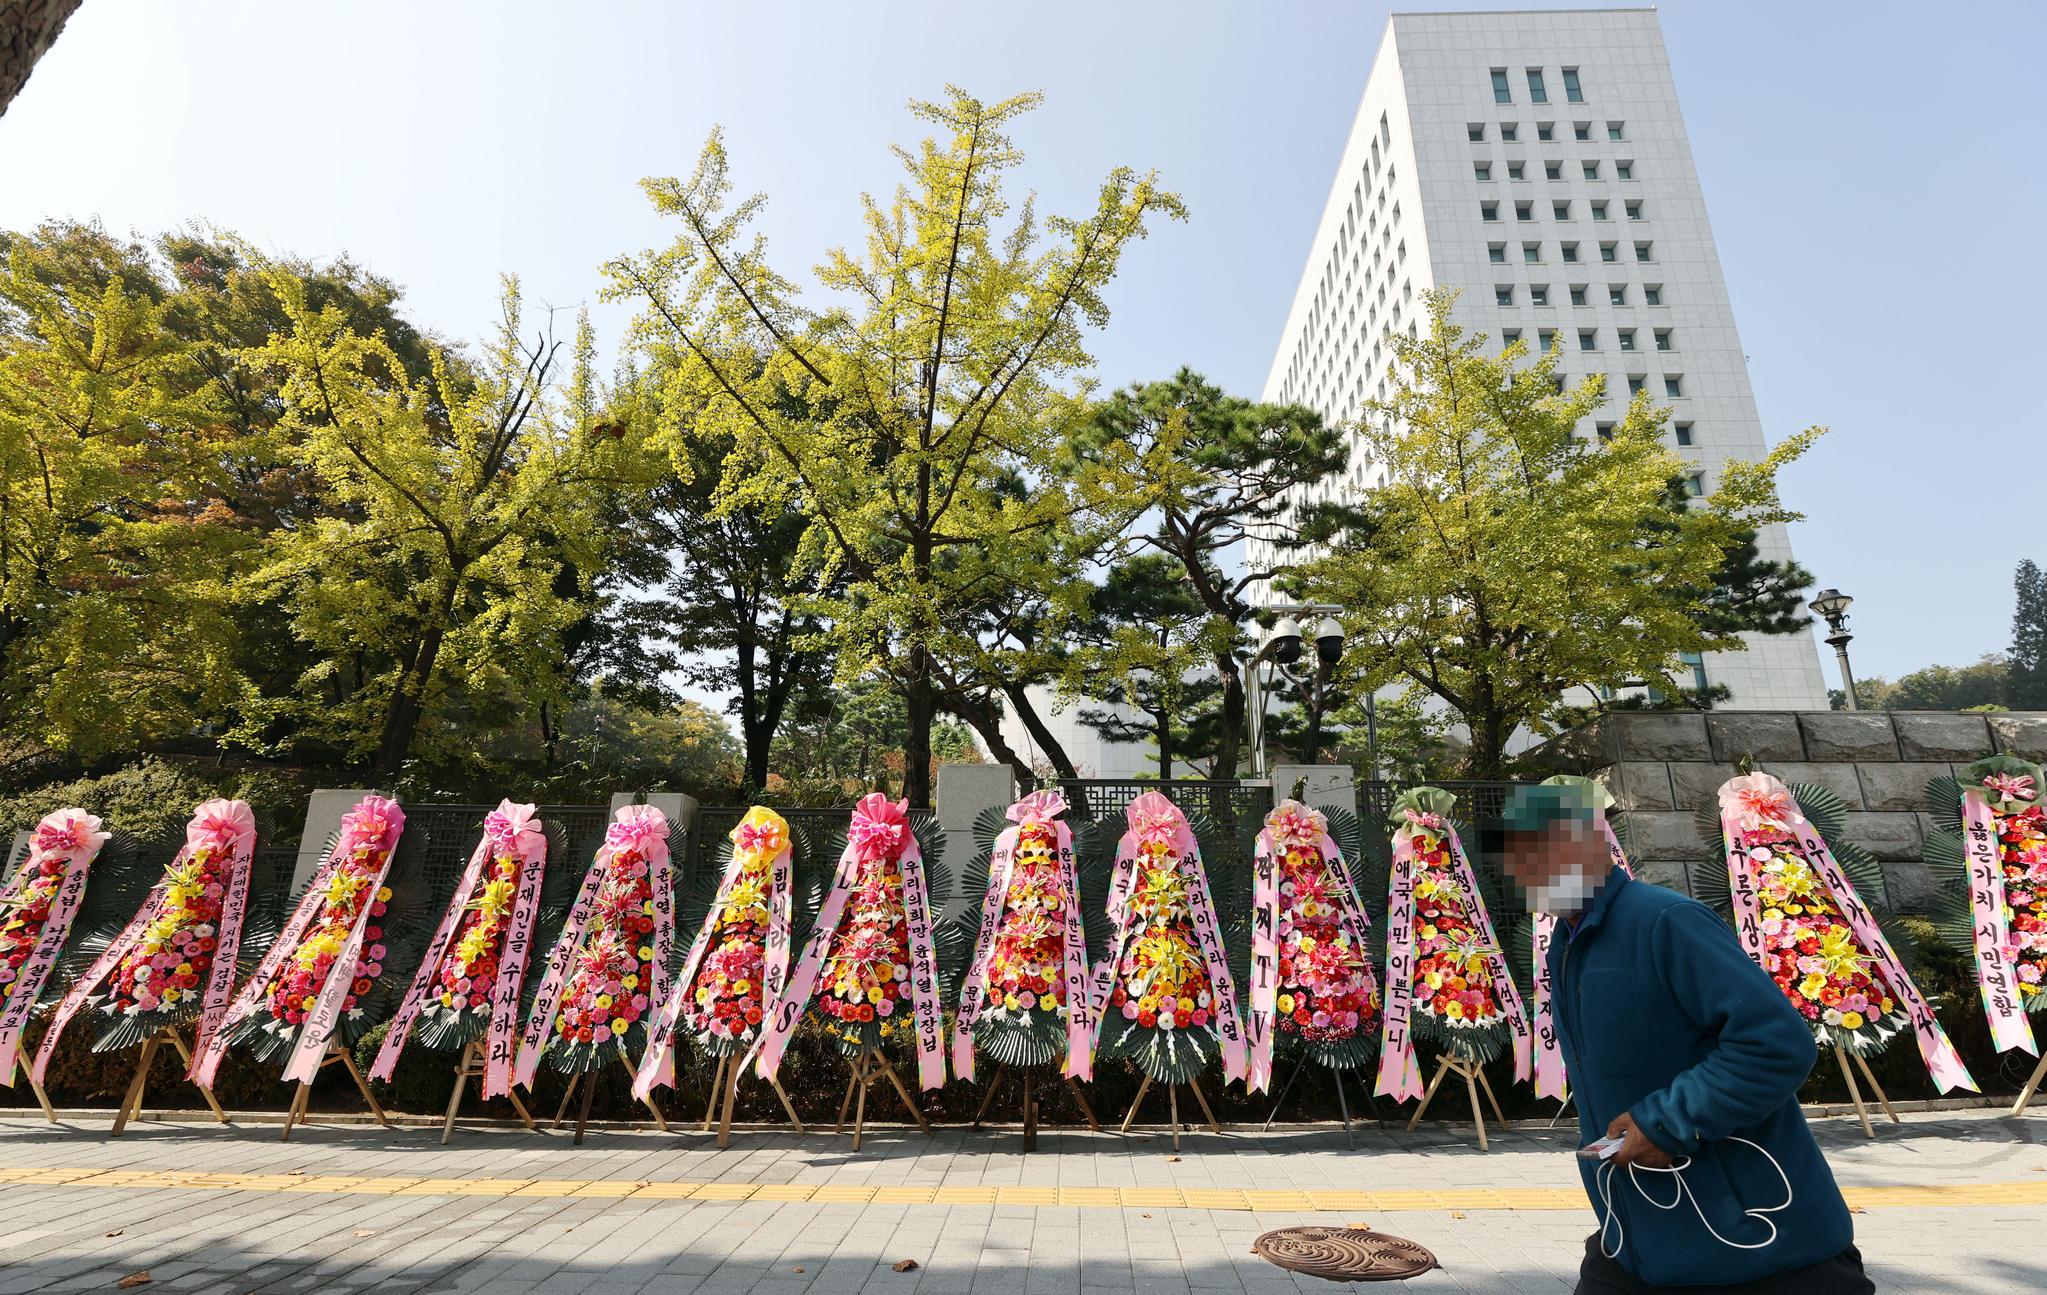 20일 오후 서울 서초구 대검찰청 정문 앞에 검찰 응원 화환이 놓여있다. 연합뉴스